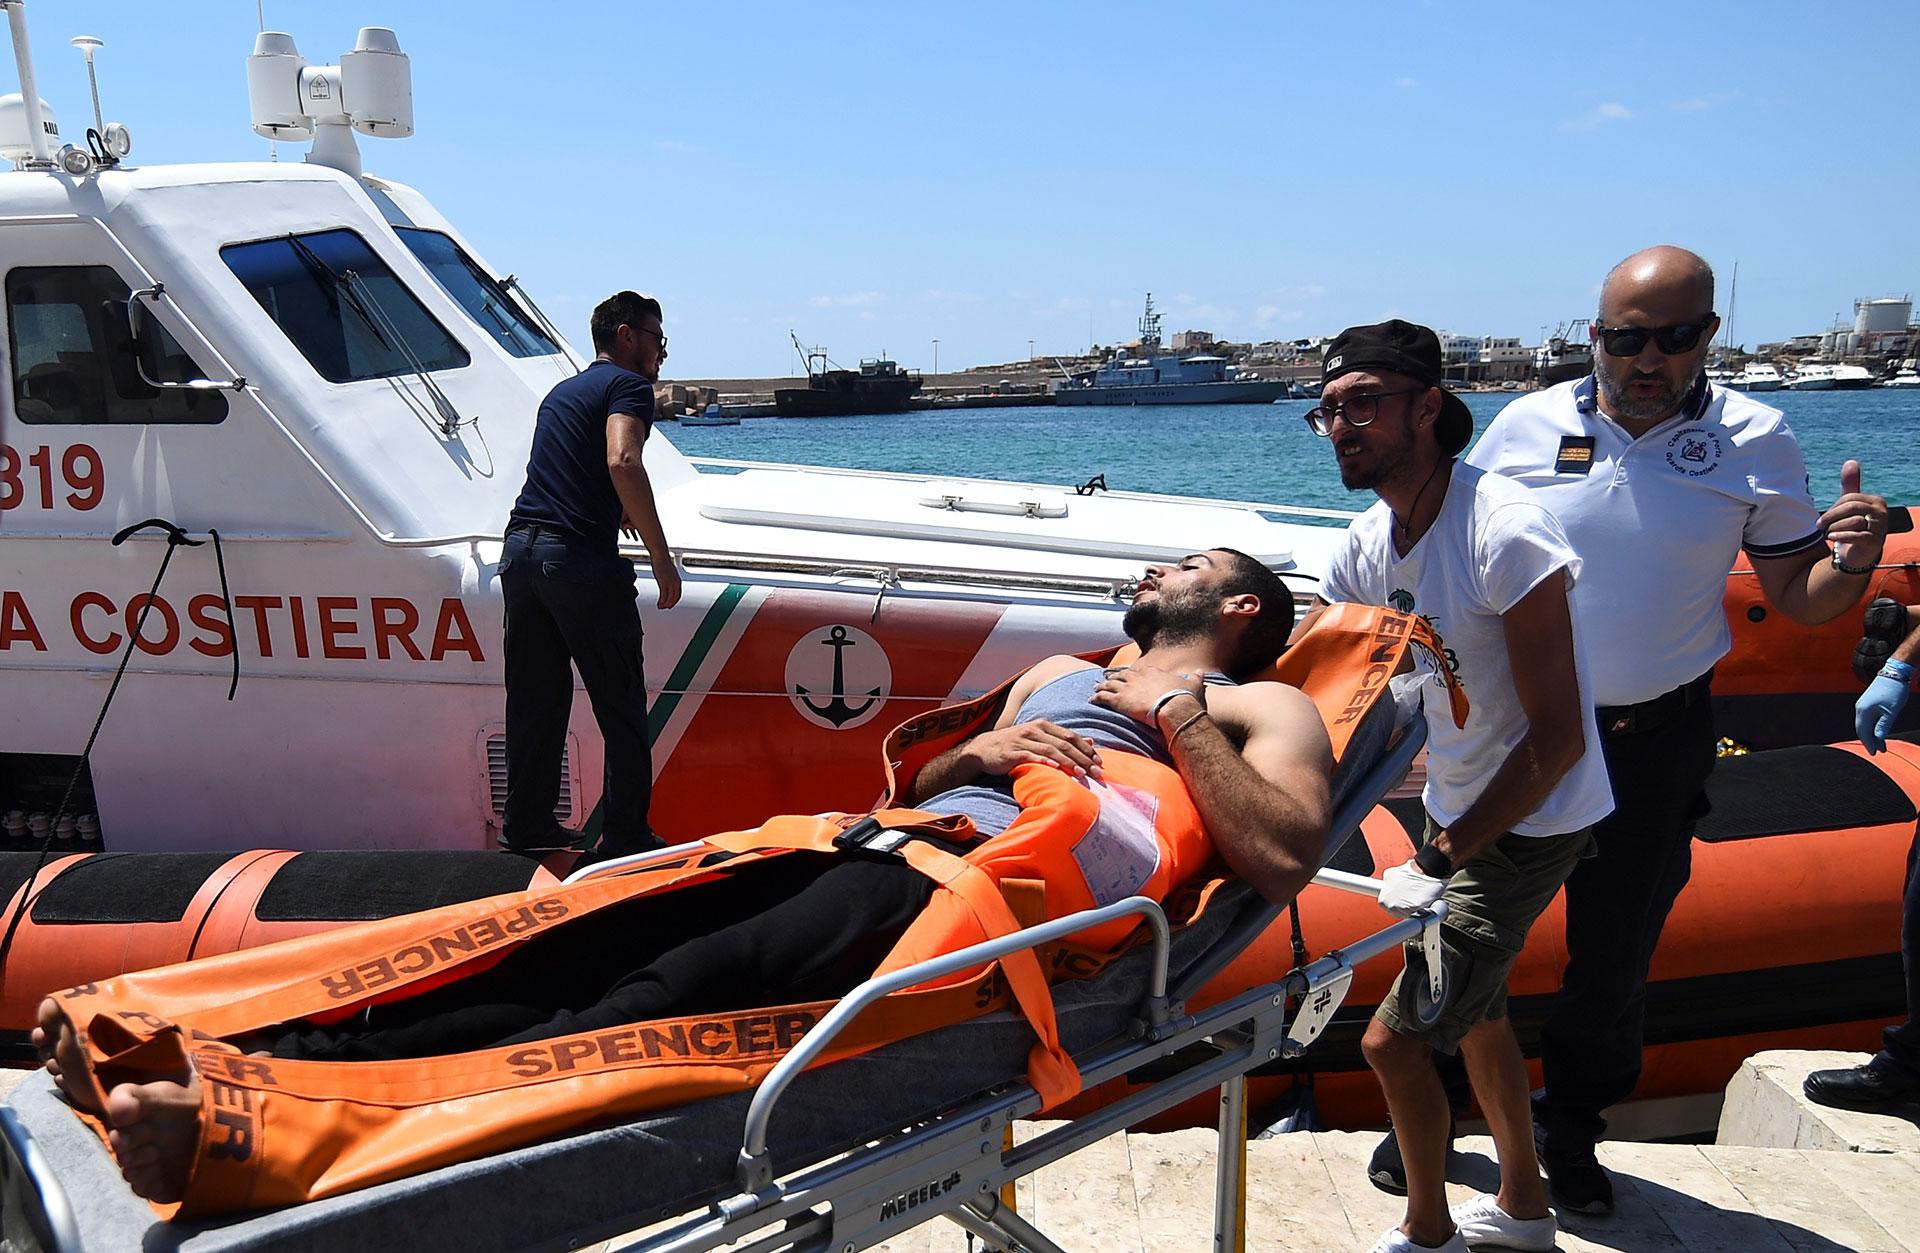 Un migrante que saltó del barco de rescate español es llevado en una camilla, en Lampedusa, Italia (REUTERS/Guglielmo Mangiapane).